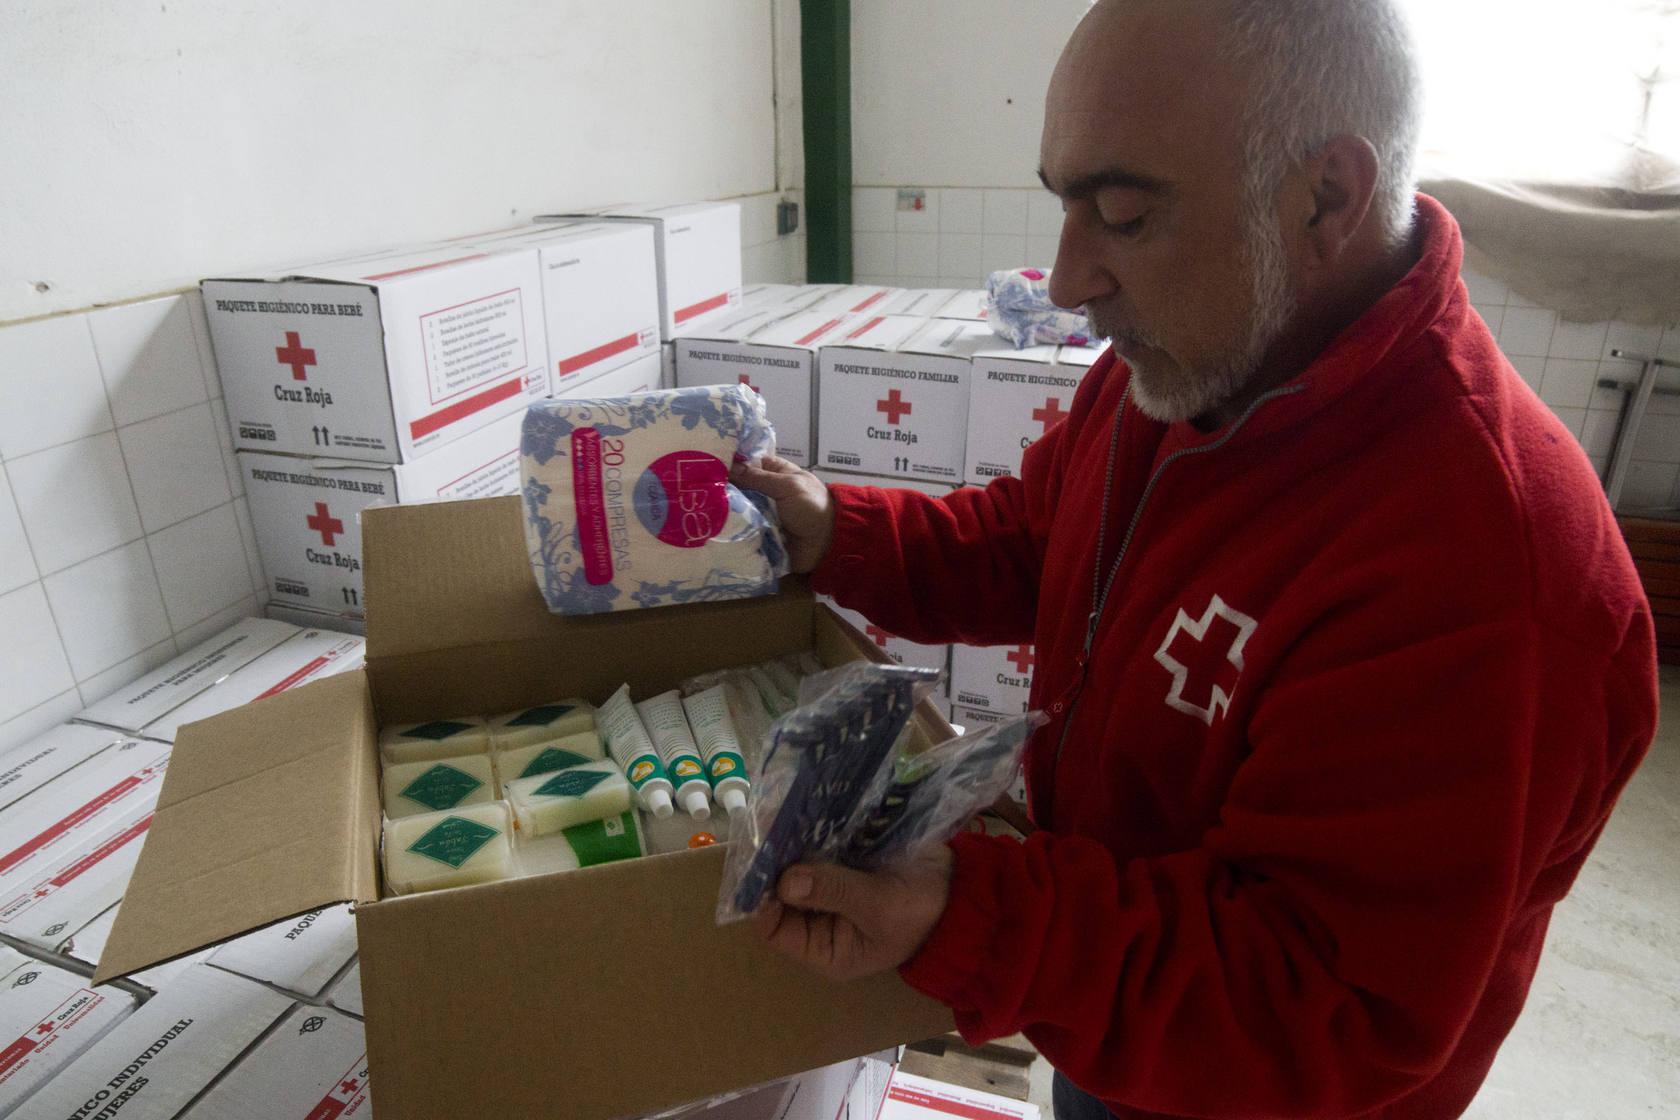 Cruz Roja reparte 'kits' de higiene básica a personas necesitadas